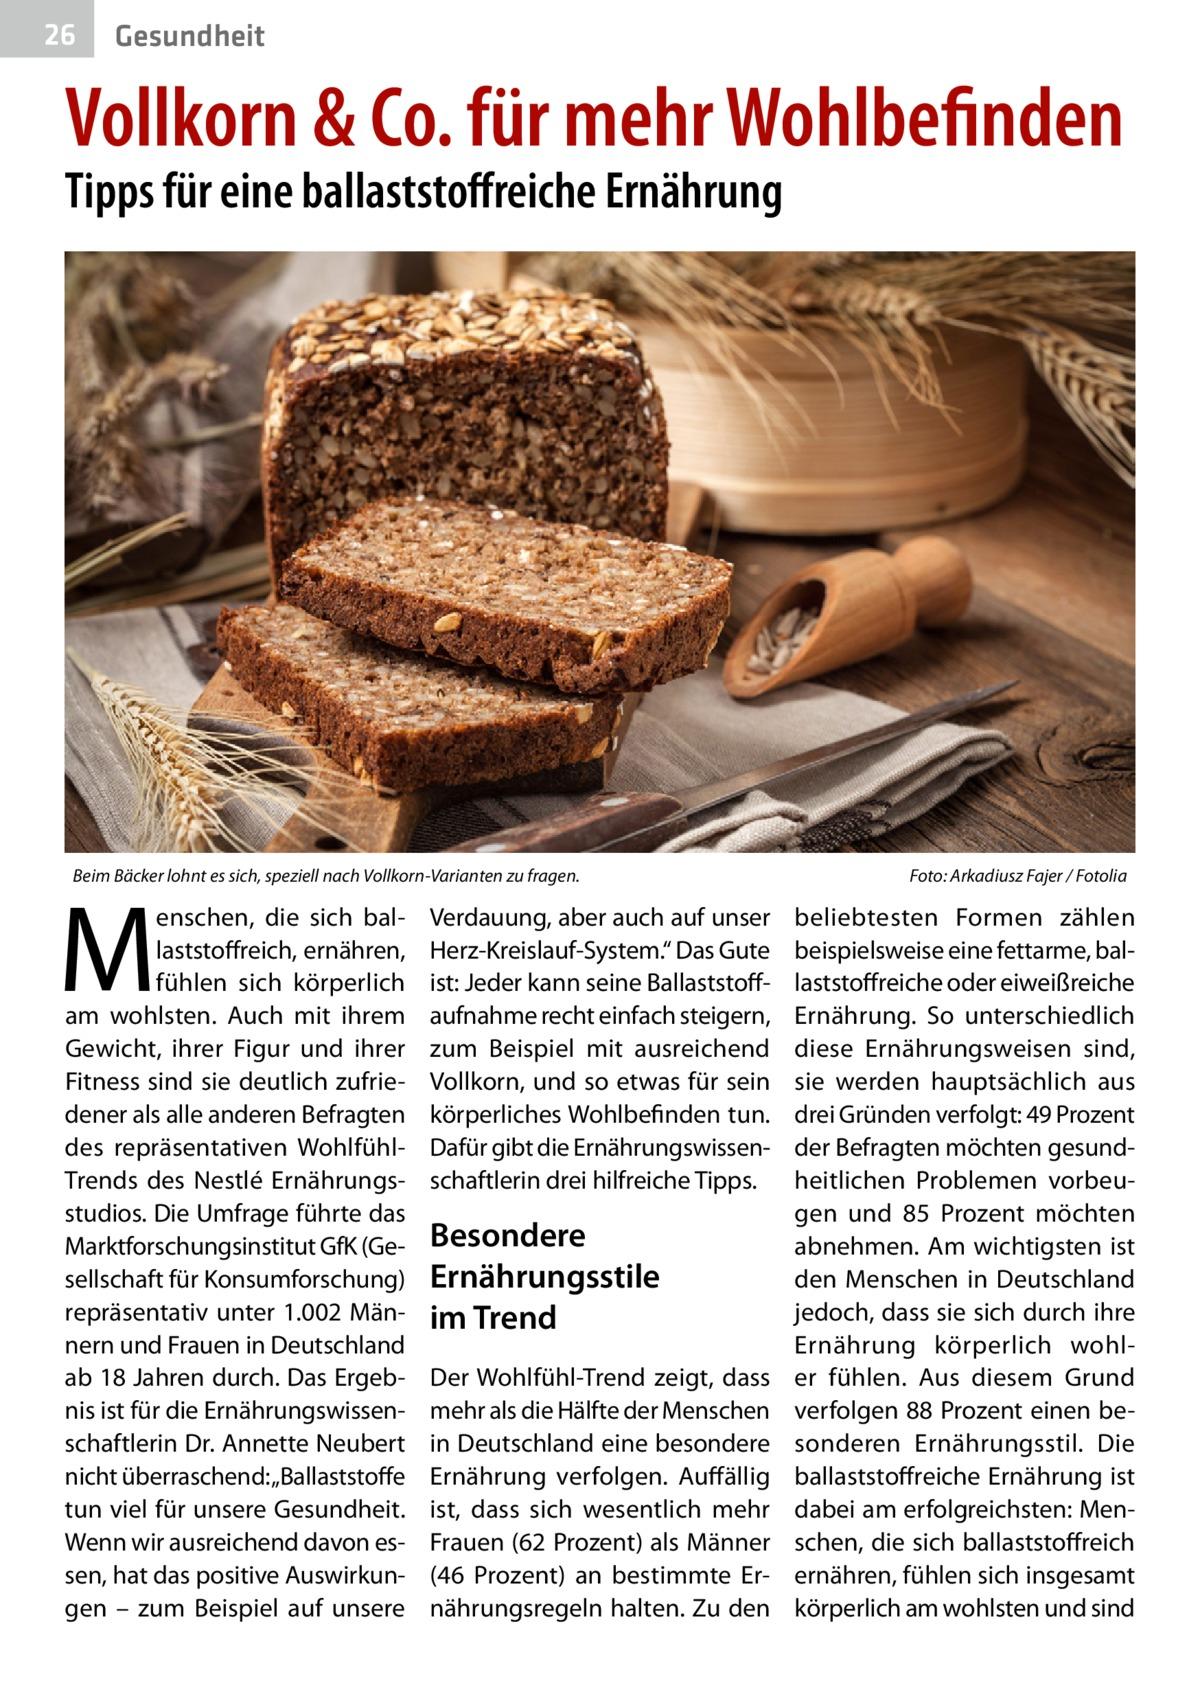 """26  Gesundheit  Vollkorn & Co. für mehr Wohlbefinden Tipps für eine ballaststoffreiche Ernährung  Beim Bäcker lohnt es sich, speziell nach Vollkorn-Varianten zu fragen.�  M  enschen, die sich ballaststoffreich, ernähren, fühlen sich körperlich am wohlsten. Auch mit ihrem Gewicht, ihrer Figur und ihrer Fitness sind sie deutlich zufriedener als alle anderen Befragten des repräsentativen WohlfühlTrends des Nestlé Ernährungsstudios. Die Umfrage führte das Marktforschungsinstitut GfK (Gesellschaft für Konsumforschung) repräsentativ unter 1.002Männern und Frauen in Deutschland ab 18Jahren durch. Das Ergebnis ist für die Ernährungswissenschaftlerin Dr.Annette Neubert nicht überraschend: """"Ballaststoffe tun viel für unsere Gesundheit. Wenn wir ausreichend davon essen, hat das positive Auswirkungen – zum Beispiel auf unsere  Verdauung, aber auch auf unser Herz-Kreislauf-System."""" Das Gute ist: Jeder kann seine Ballaststoffaufnahme recht einfach steigern, zum Beispiel mit ausreichend Vollkorn, und so etwas für sein körperliches Wohlbefinden tun. Dafür gibt die Ernährungswissenschaftlerin drei hilfreiche Tipps.  Besondere Ernährungsstile im Trend Der Wohlfühl-Trend zeigt, dass mehr als die Hälfte der Menschen in Deutschland eine besondere Ernährung verfolgen. Auffällig ist, dass sich wesentlich mehr Frauen (62Prozent) als Männer (46 Prozent) an bestimmte Ernährungsregeln halten. Zu den  Foto: Arkadiusz Fajer / Fotolia  beliebtesten Formen zählen beispielsweise eine fettarme, ballaststoffreiche oder eiweißreiche Ernährung. So unterschiedlich diese Ernährungsweisen sind, sie werden hauptsächlich aus drei Gründen verfolgt: 49Prozent der Befragten möchten gesundheitlichen Problemen vorbeugen und 85 Prozent möchten abnehmen. Am wichtigsten ist den Menschen in Deutschland jedoch, dass sie sich durch ihre Ernährung körperlich wohler fühlen. Aus diesem Grund verfolgen 88Prozent einen besonderen Ernährungsstil. Die ballaststoffreiche Ernährung ist dabei am erfolgreichsten: Menschen, die """